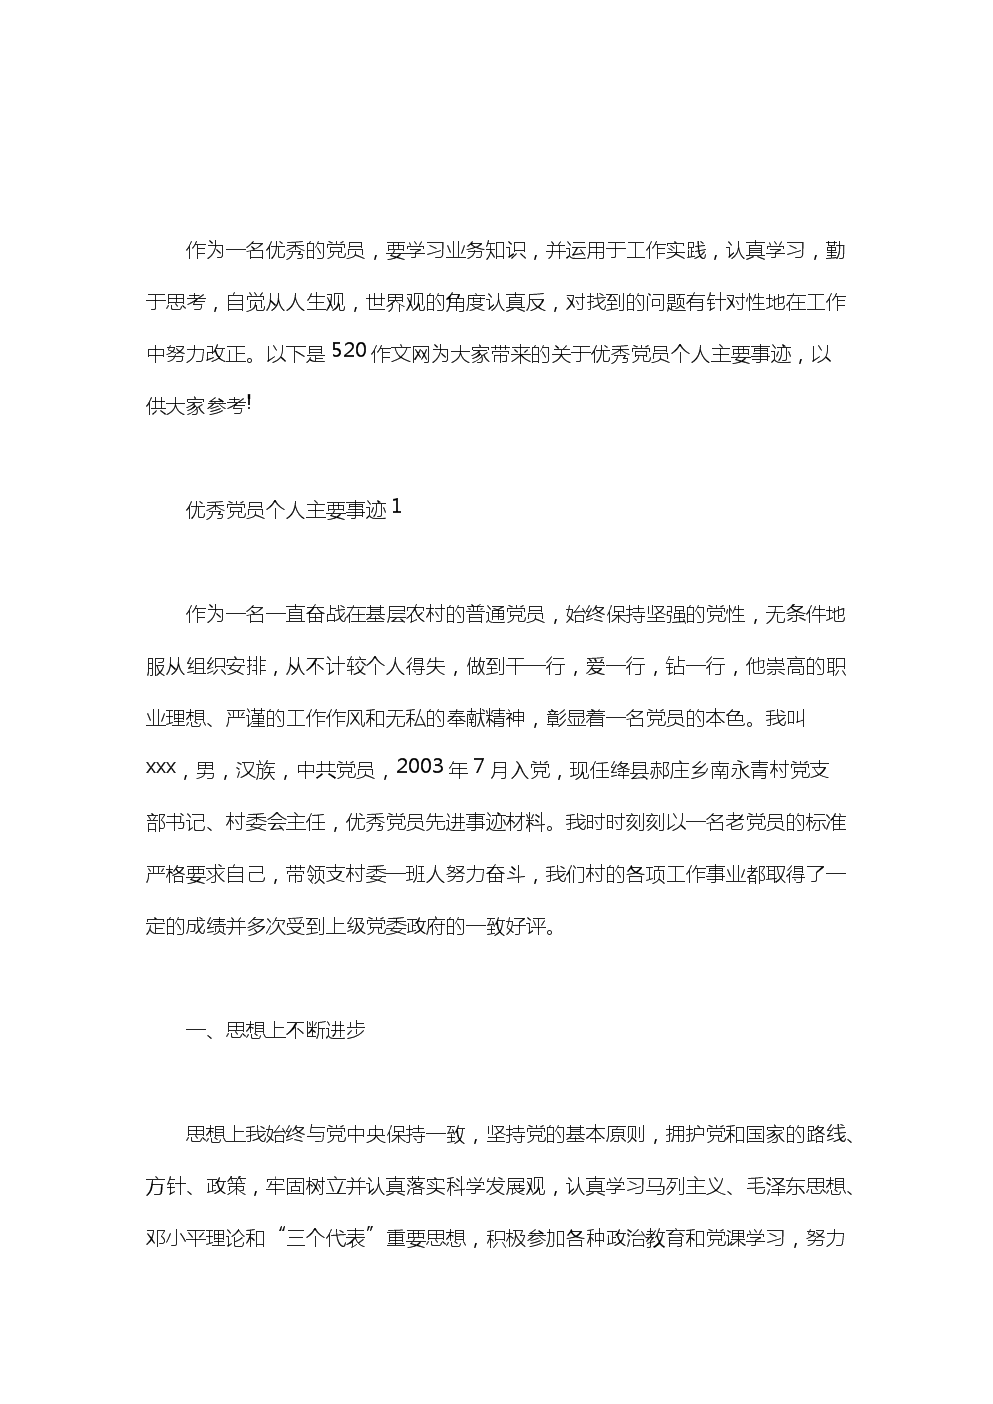 优秀党员个人主要事迹3篇.doc